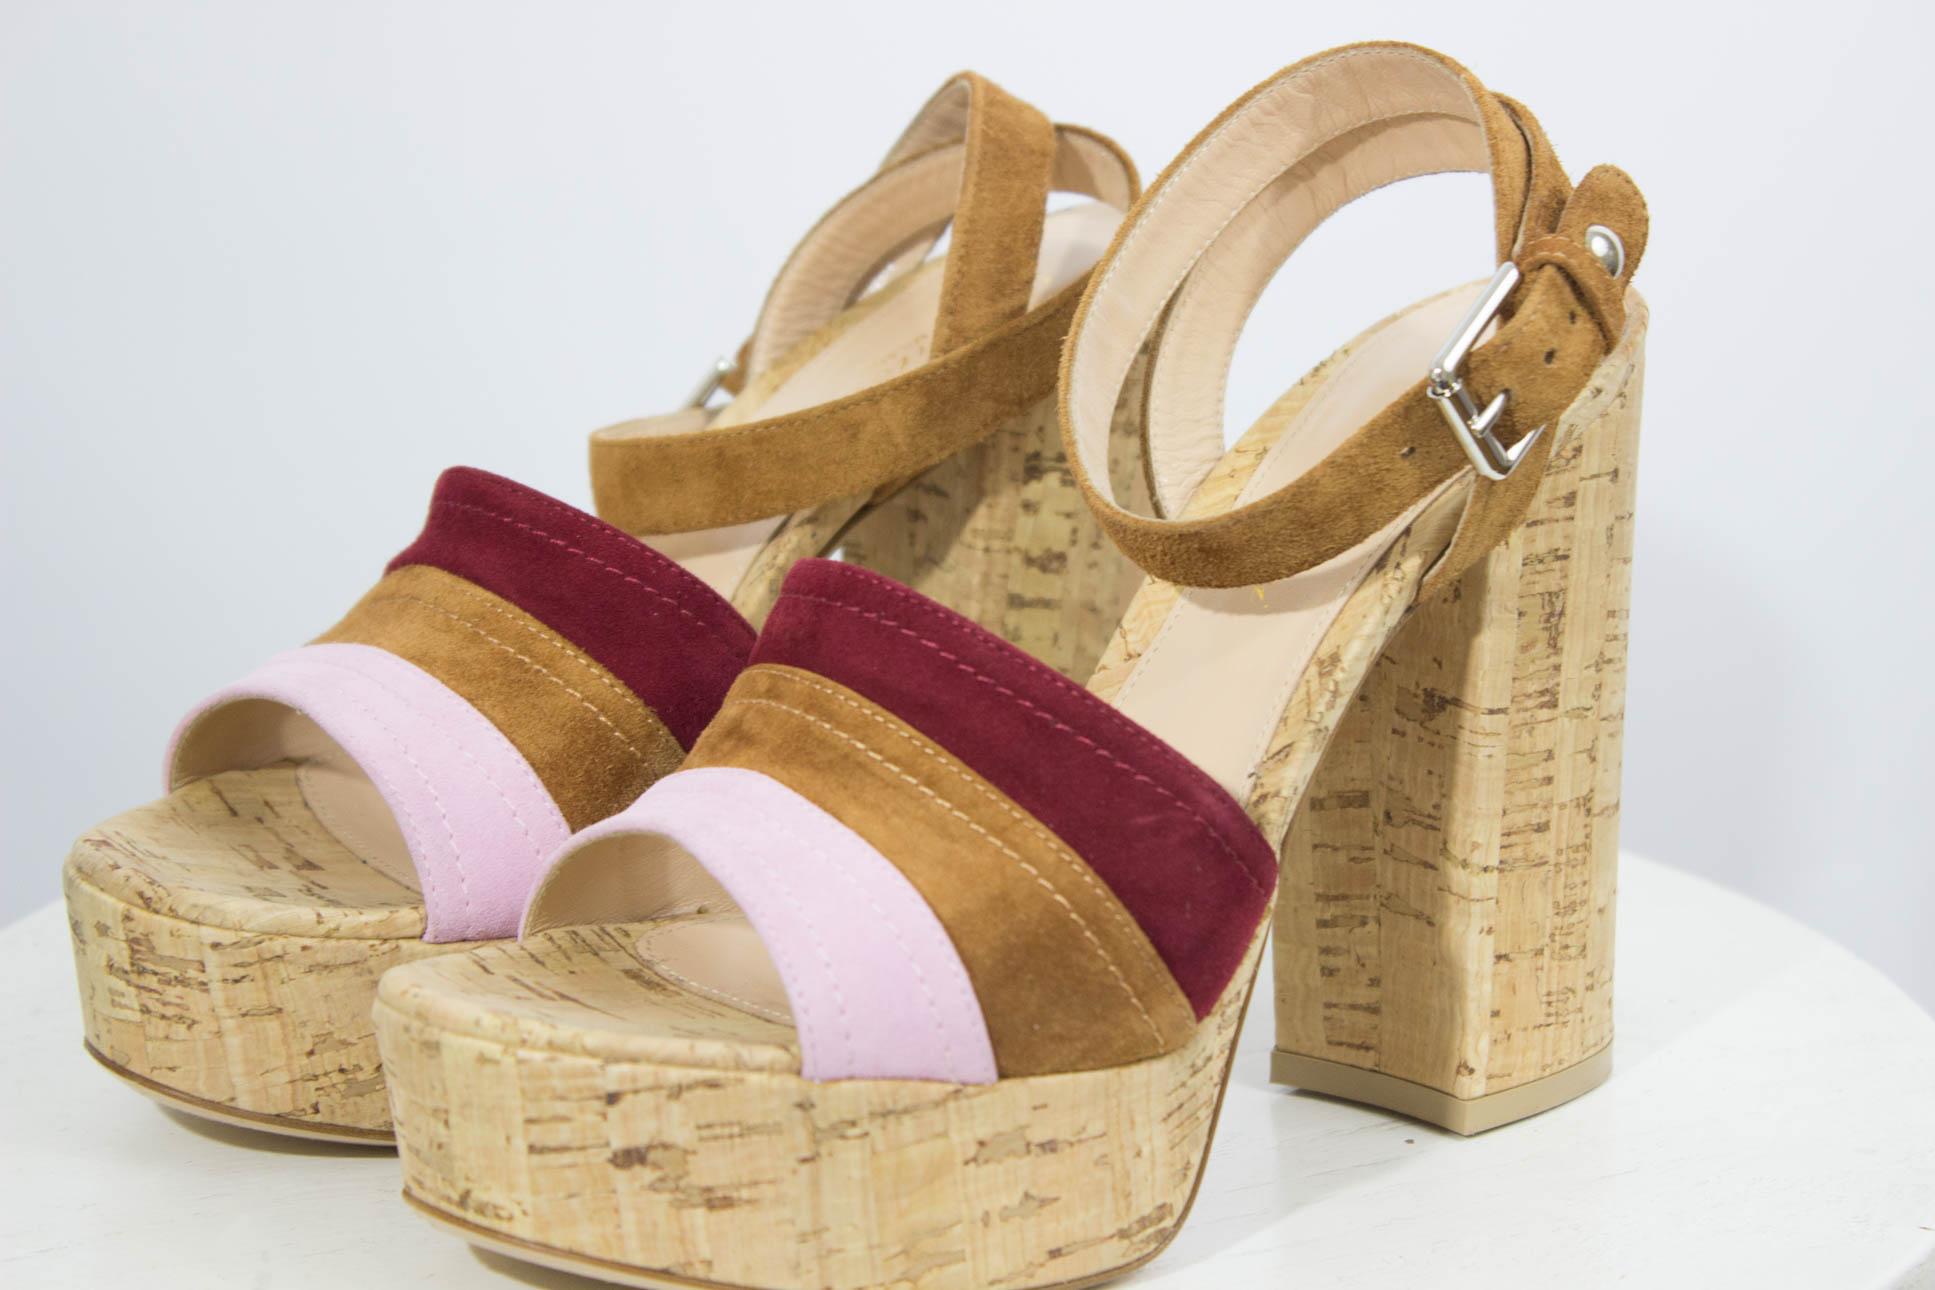 8ee15965065 In Her SHOES  Suede Platform Sandals - Mama In Heels